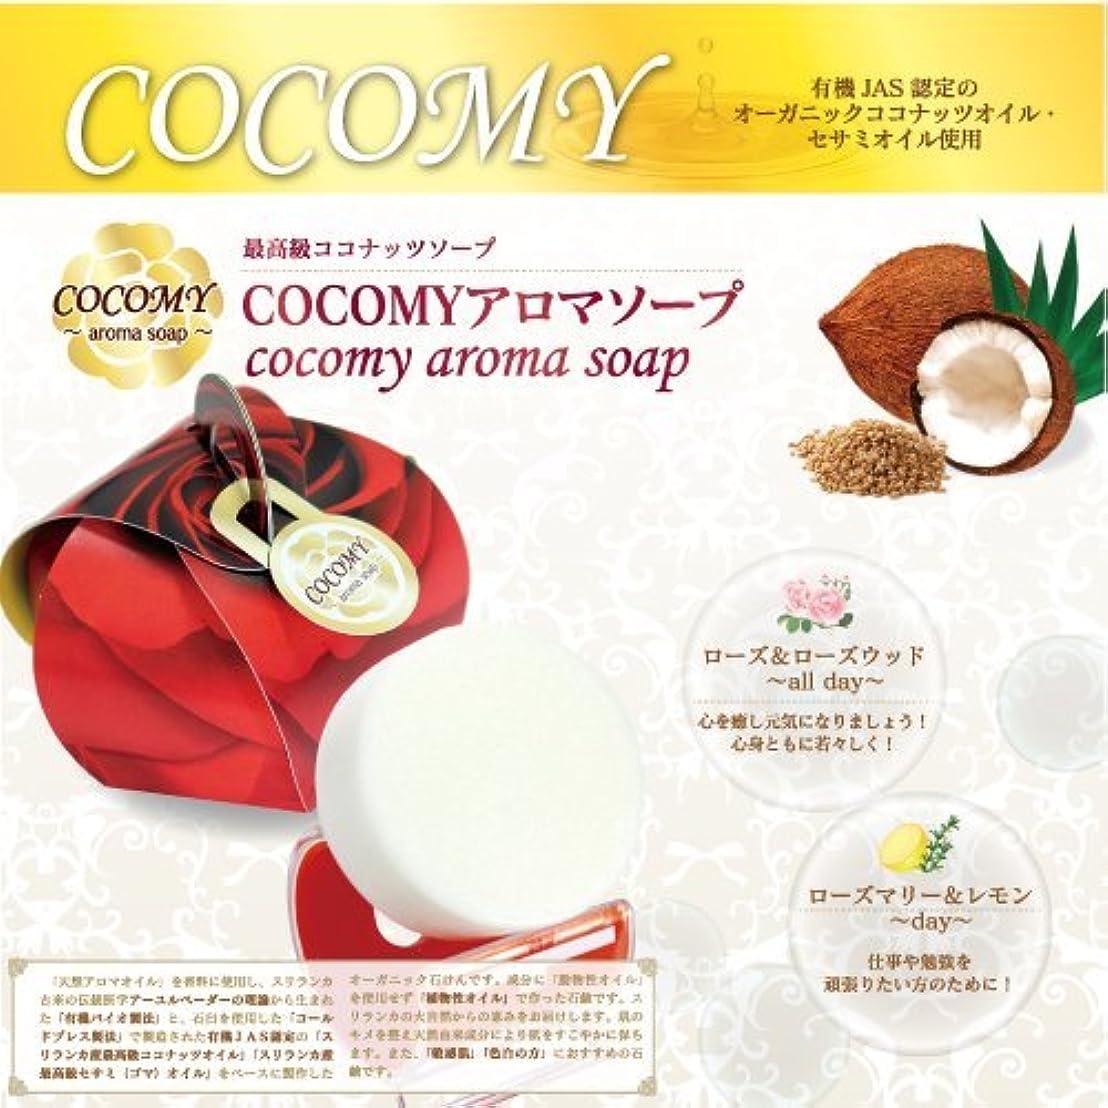 これら序文また明日ねCOCOMY aromaソープ 2個セット (ローズマリー&レモン)(ローズ&ローズウッド) 40g×各1